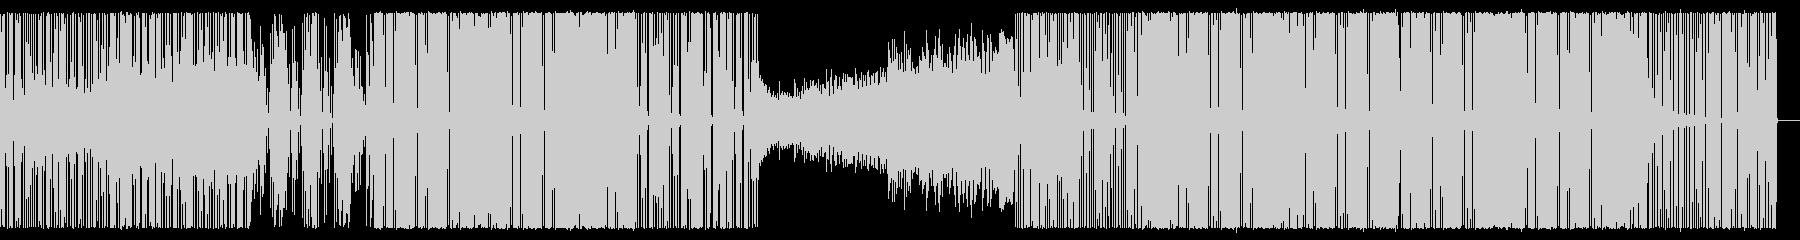 オシャレでテンポの良いハウスミュージックの未再生の波形